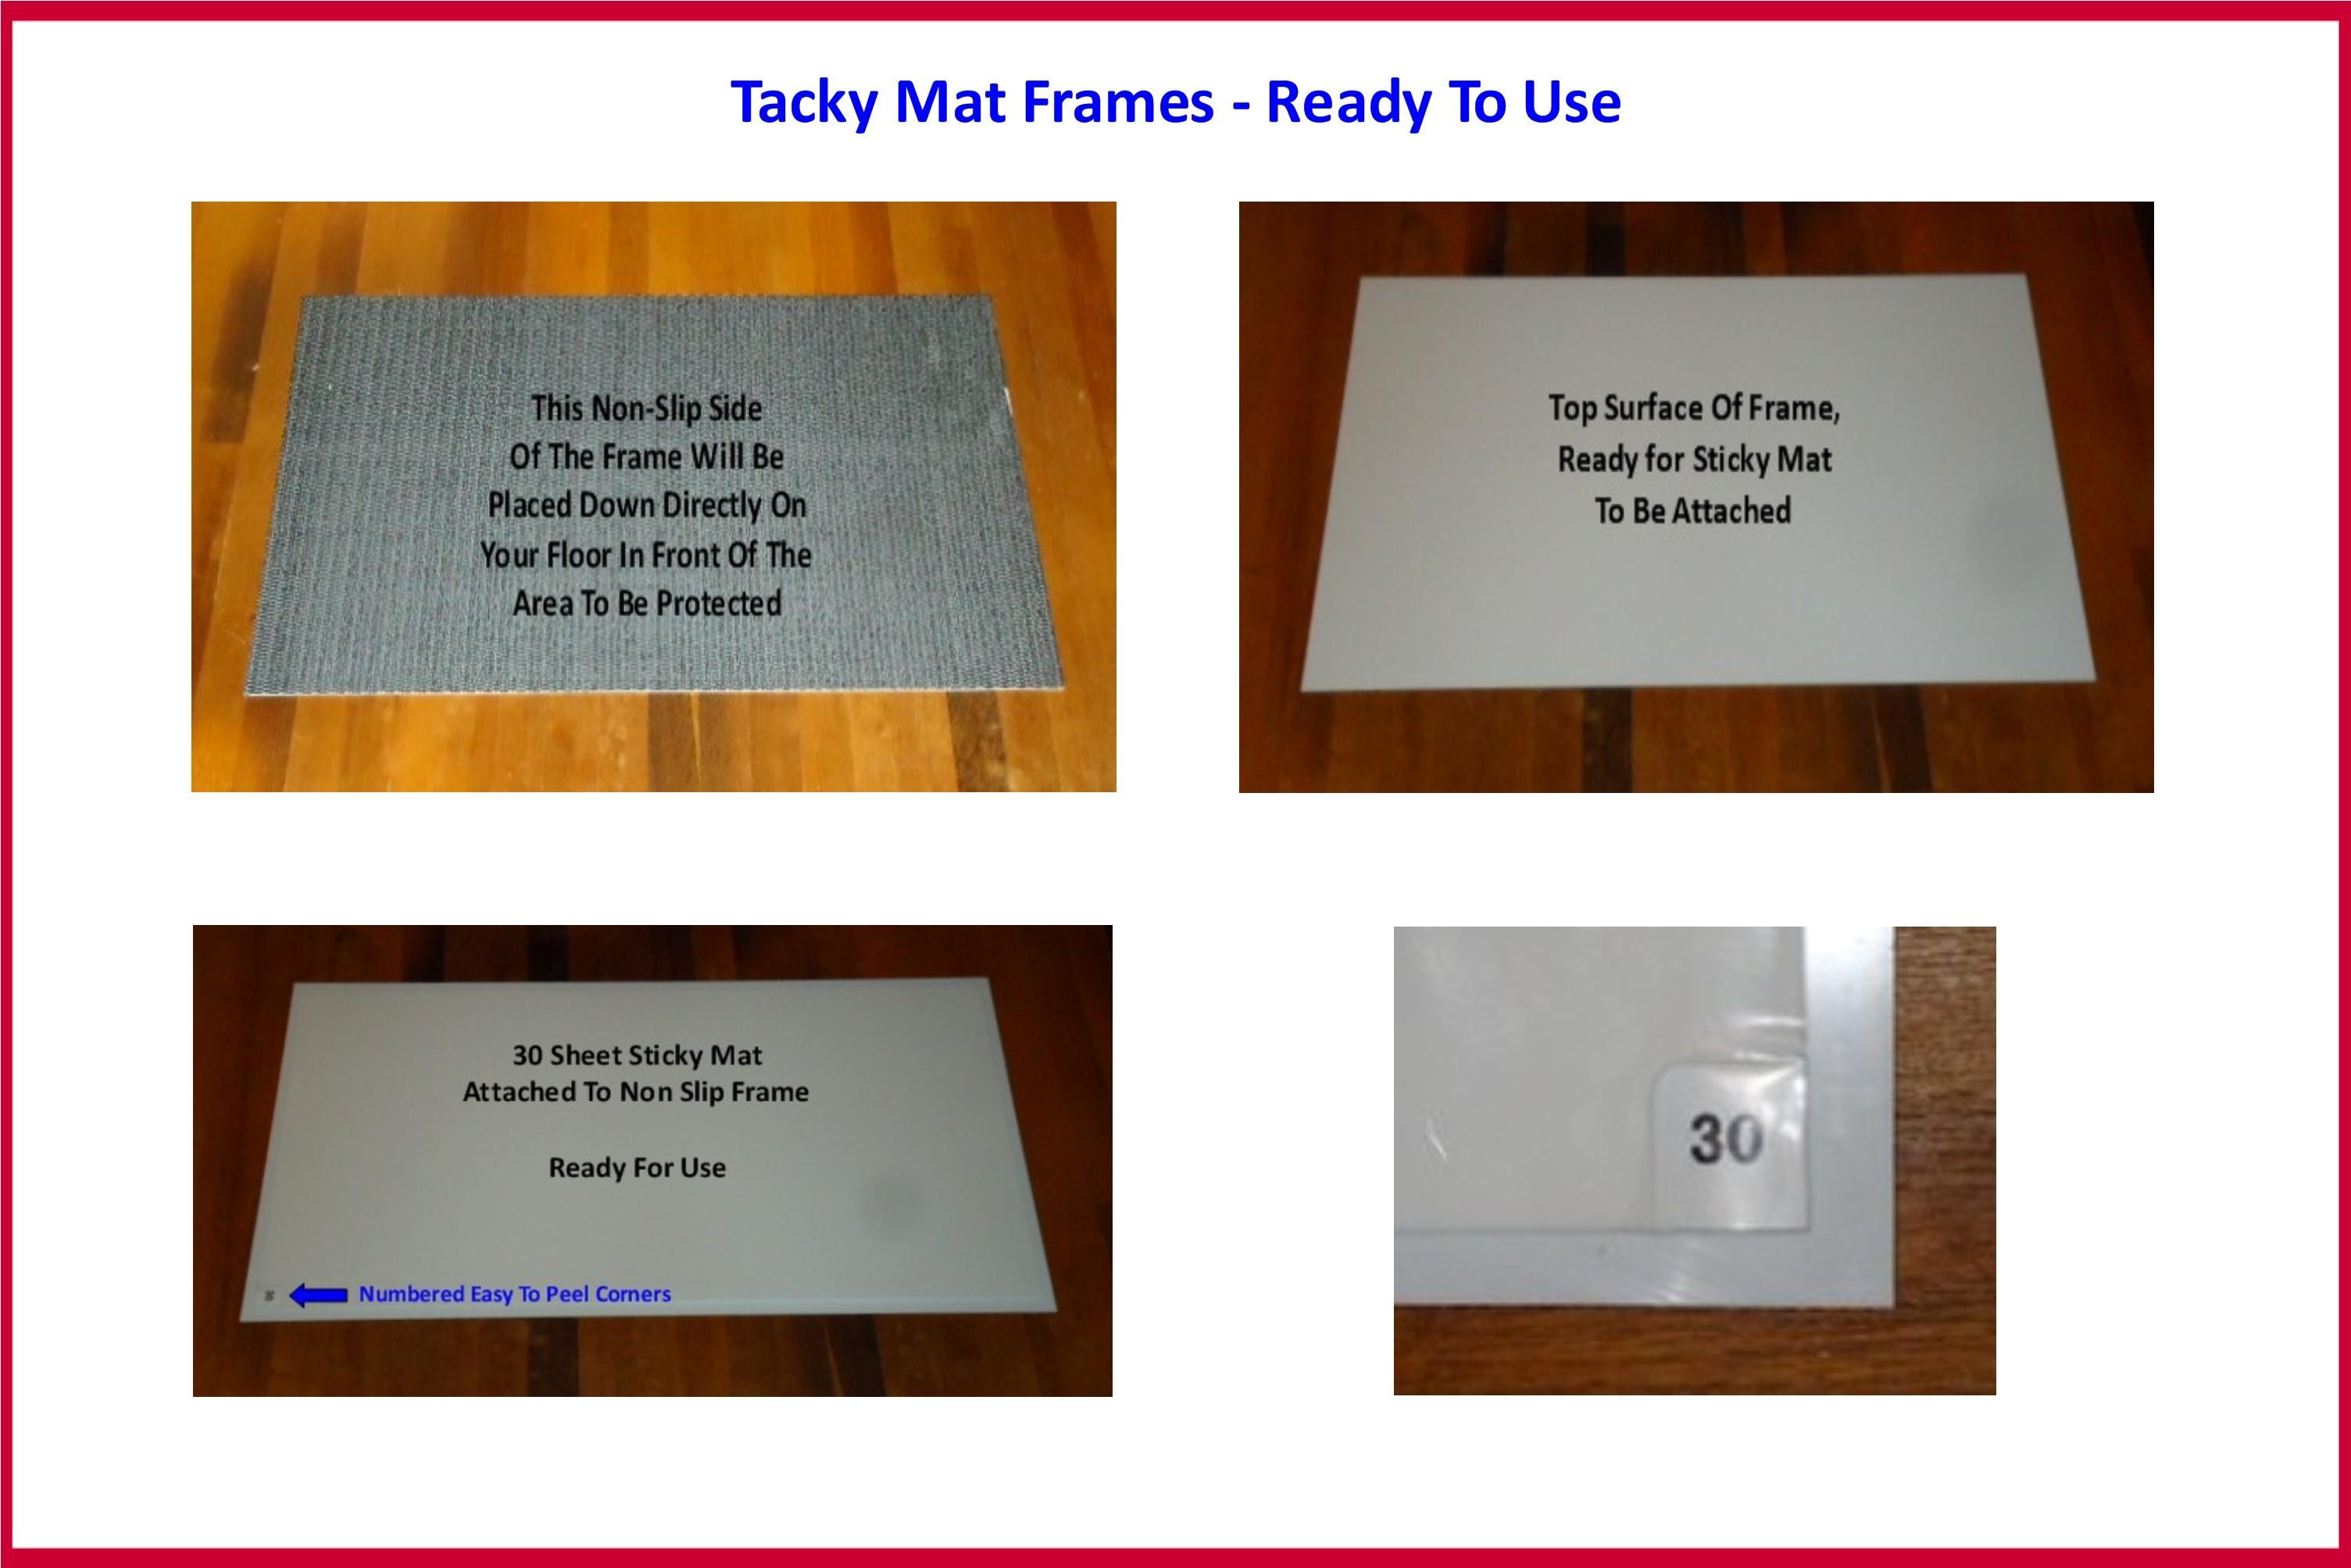 frame-banner-1.jpg